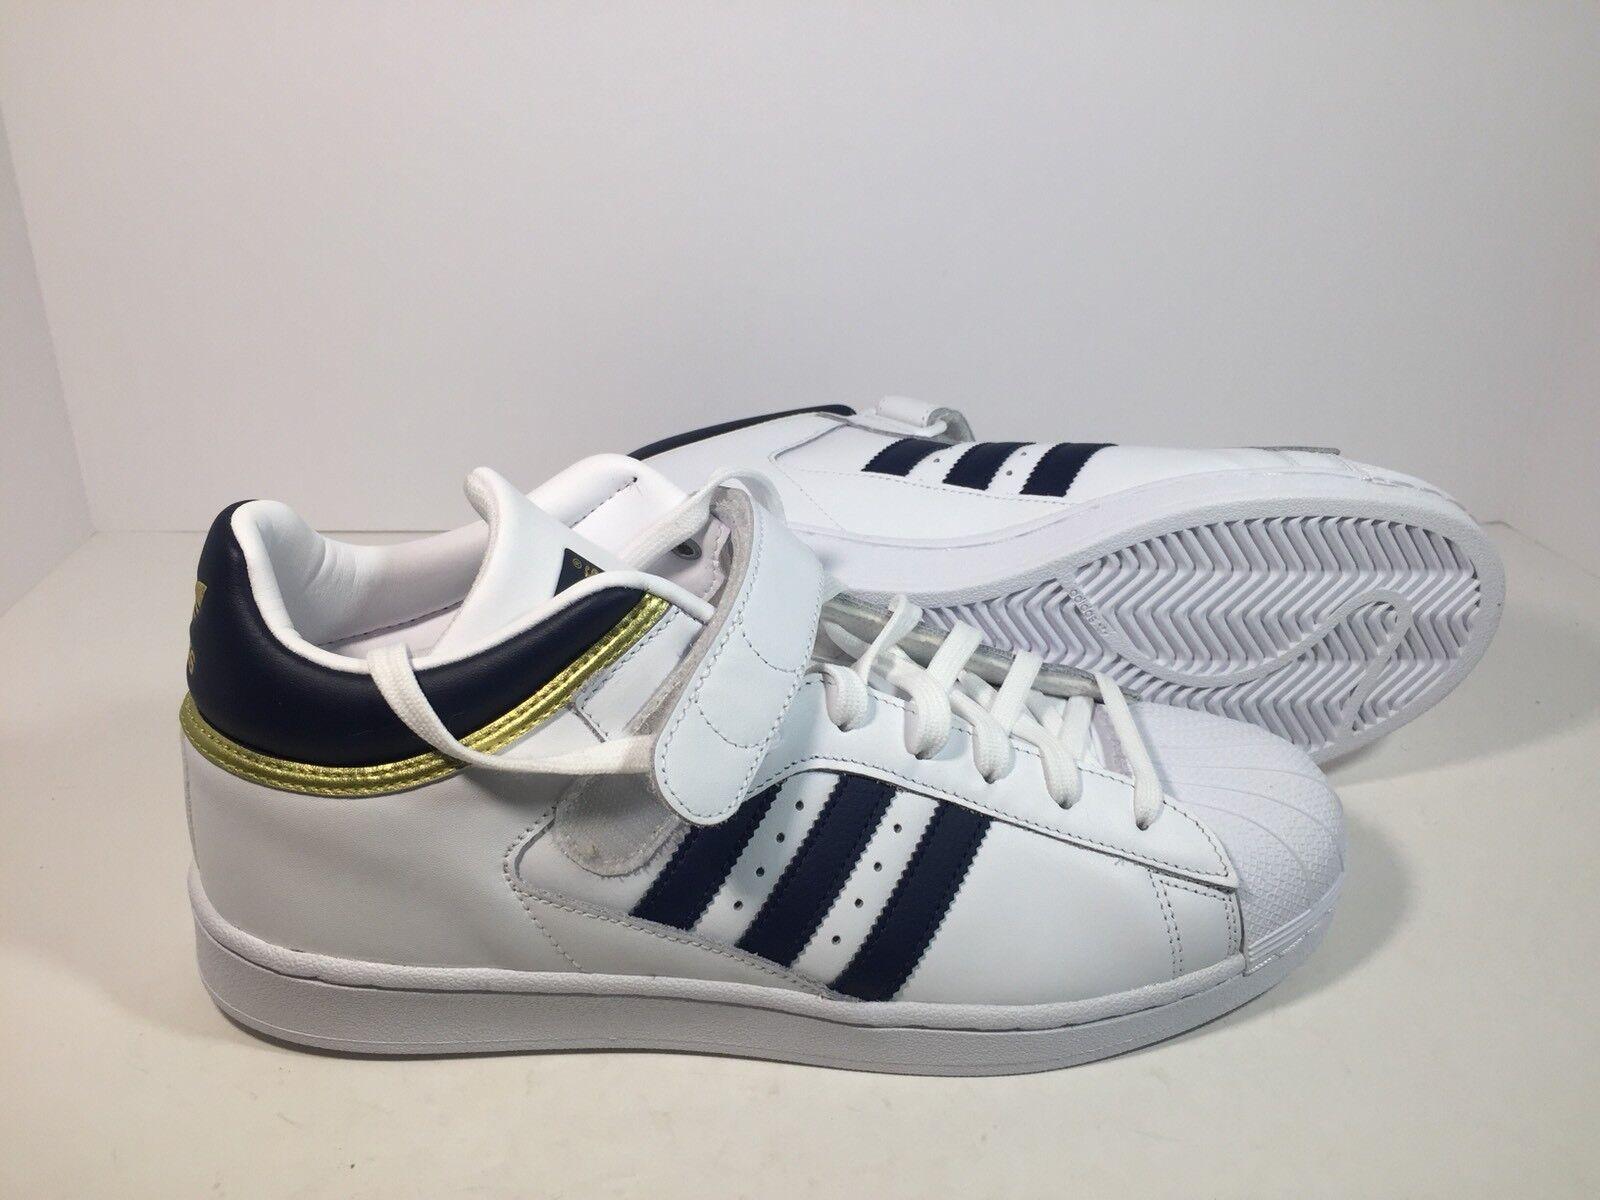 new concept b5490 de2b1 Adidas schuhe originals weiß   marine gold pro shell Turnschuhe, schuhe  Adidas by4383 mens. 50783c